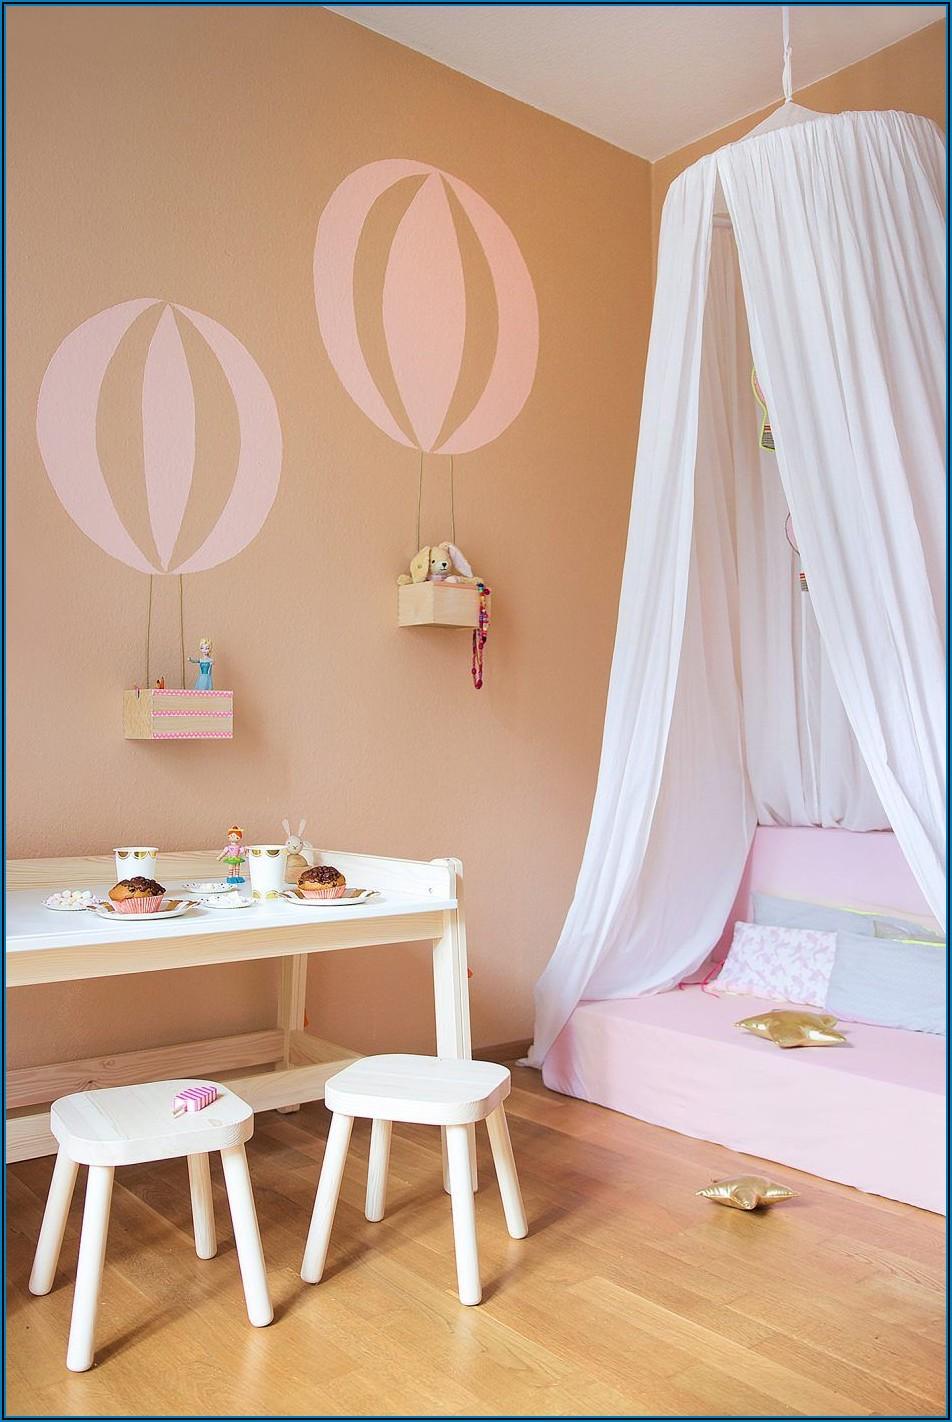 Wanddeko Ideen Für Kinderzimmer